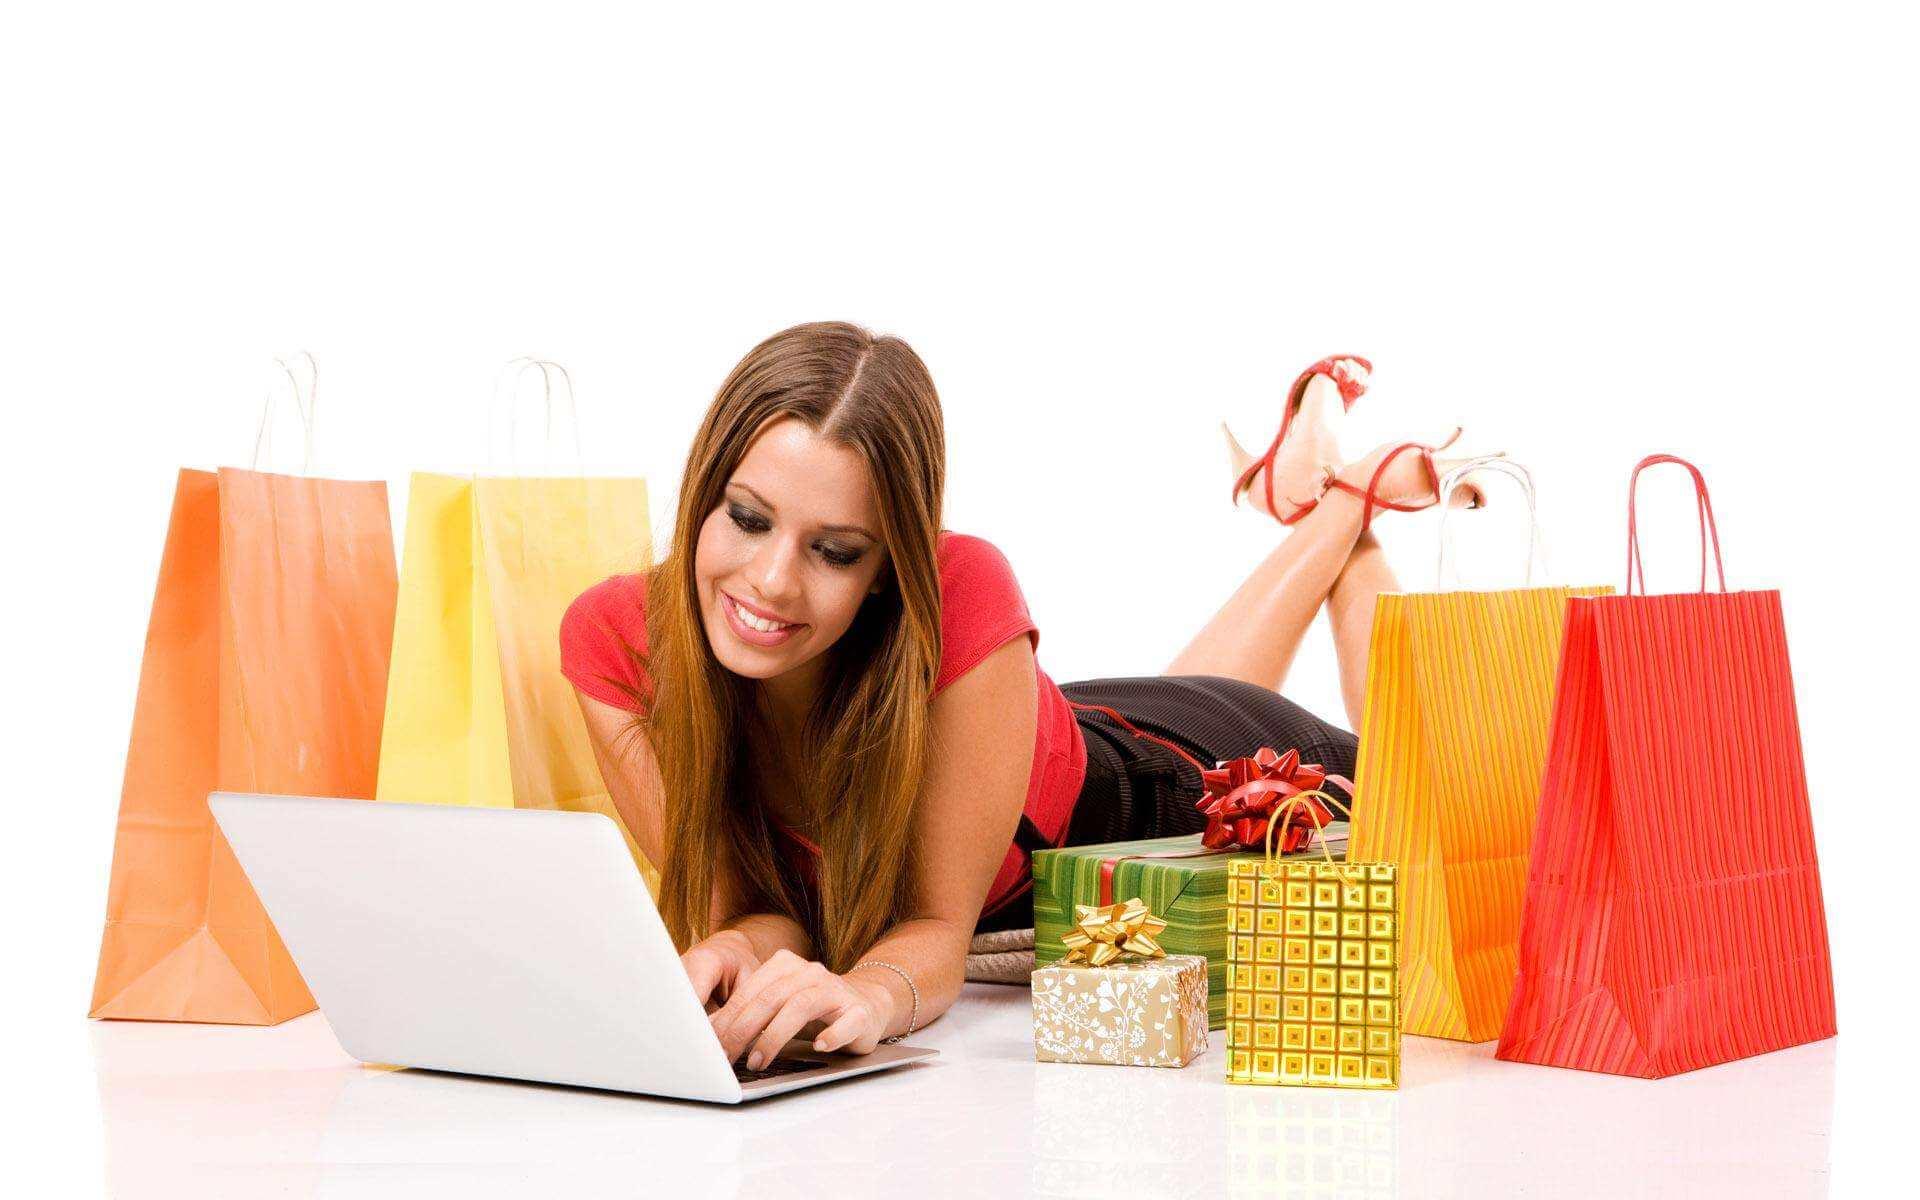 Sve više Hrvata kupuje samo putem interneta, predmeti jeftiniji i pet puta